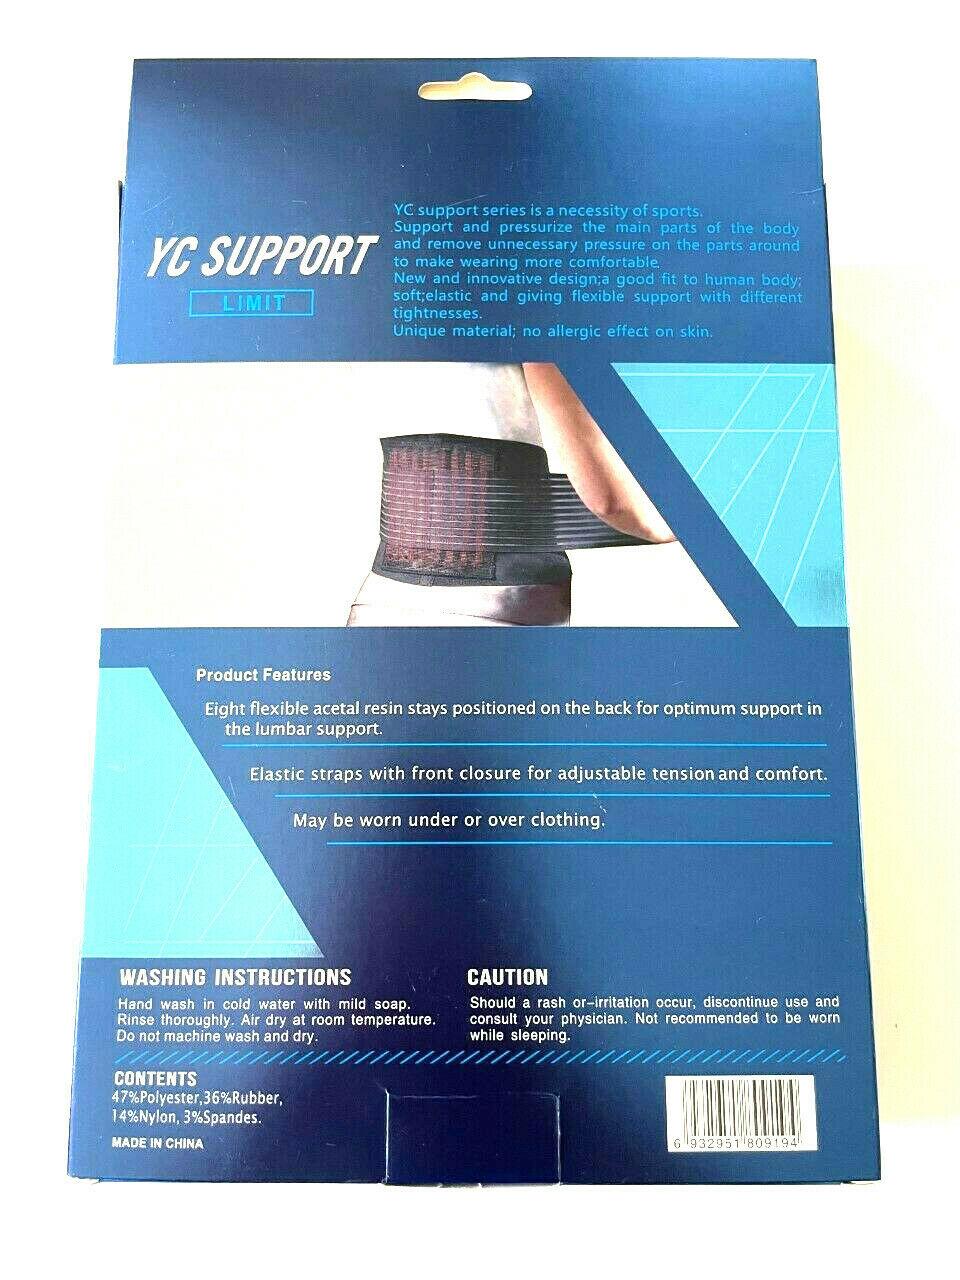 Waist support lumbar support